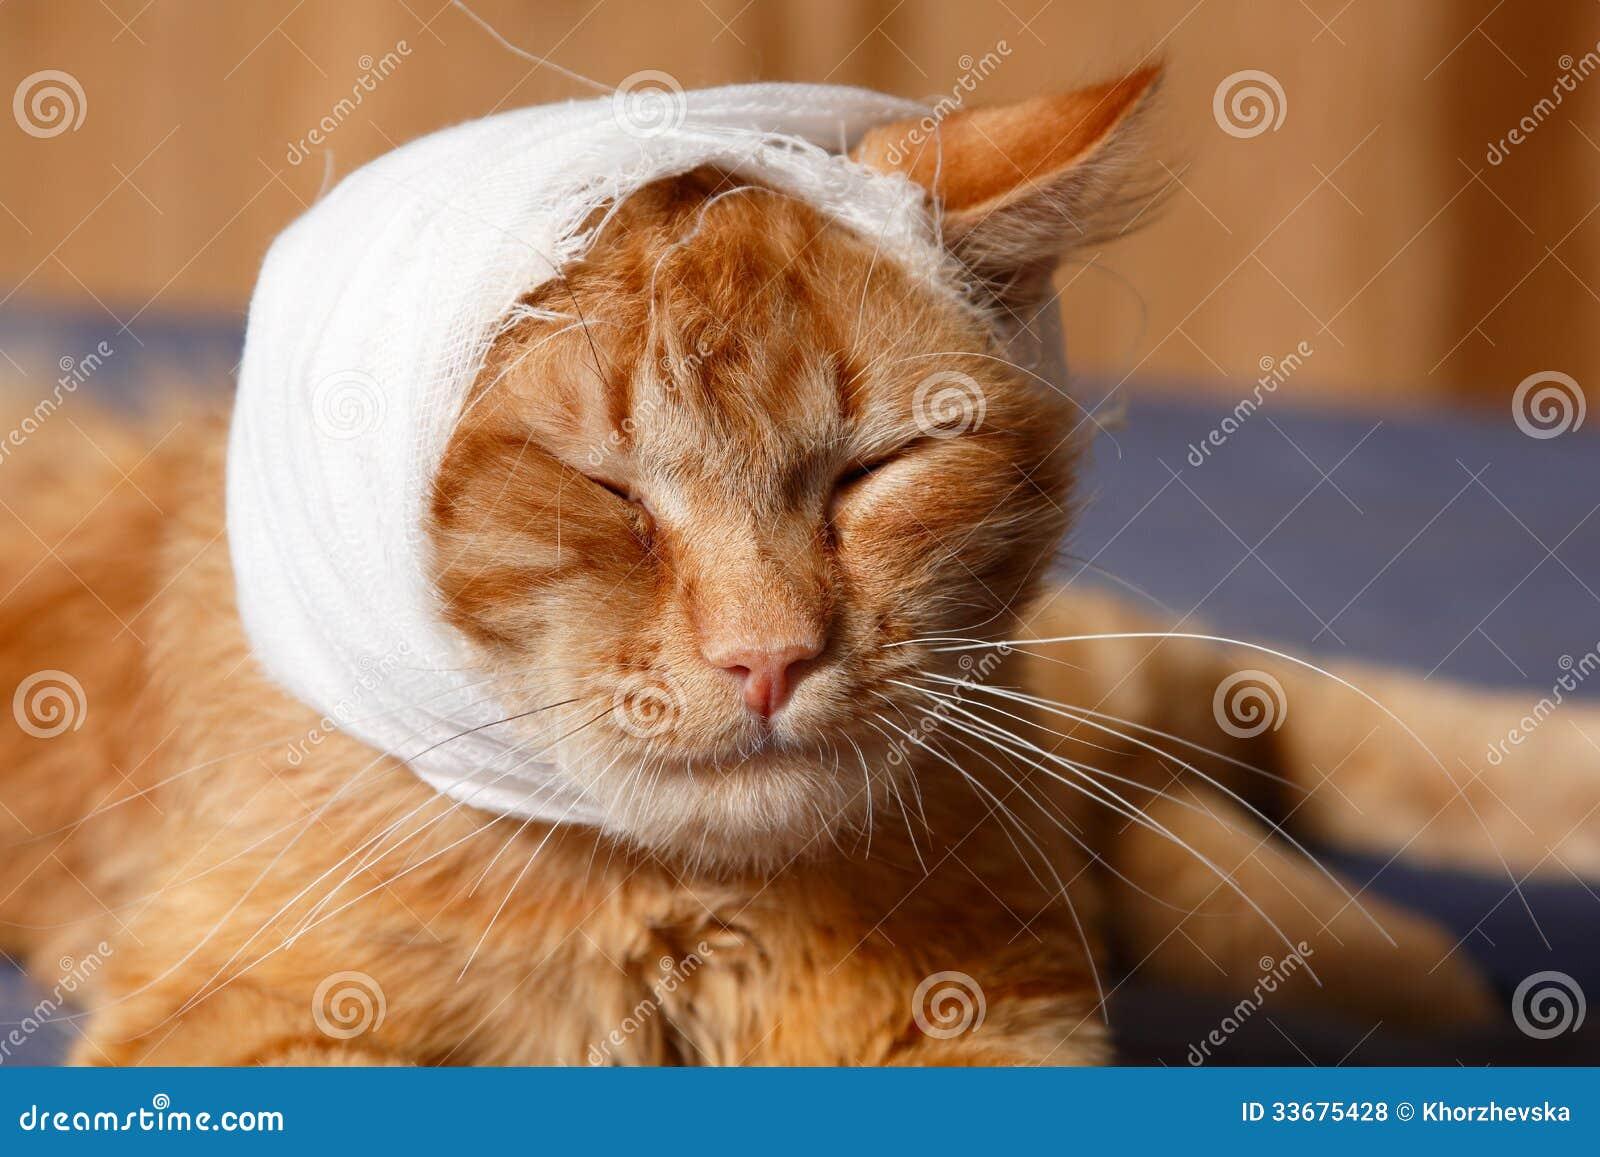 How To Bandage Dog S Ear